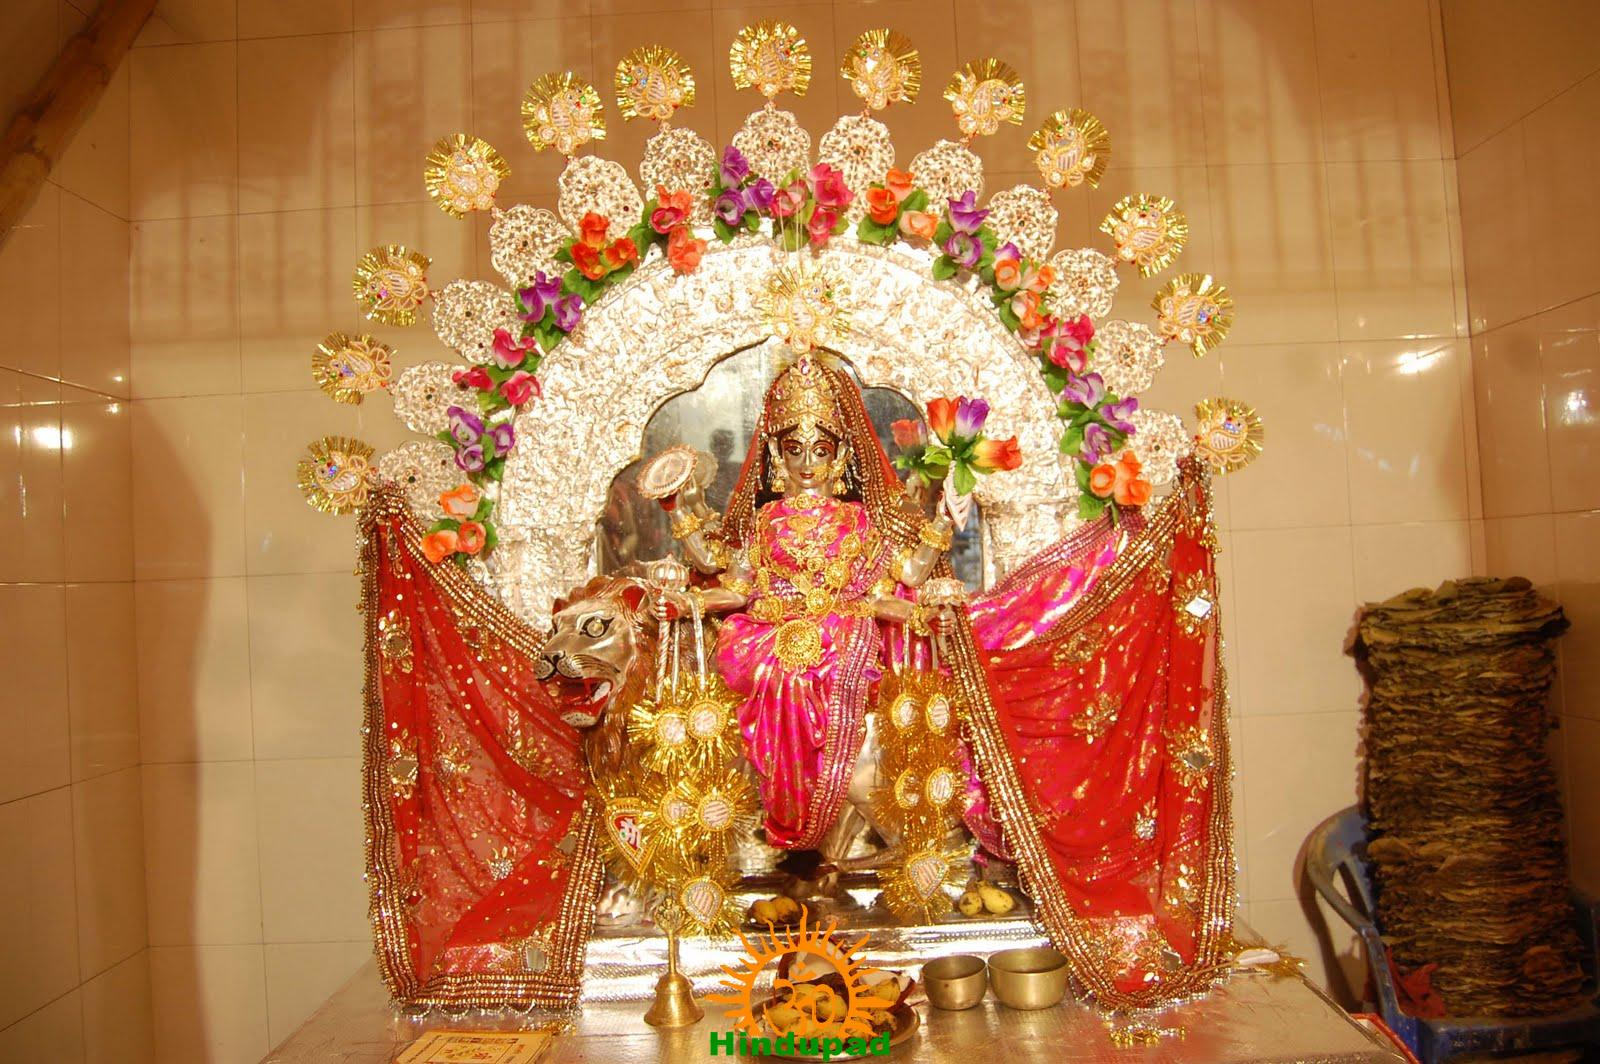 Mangala Chandika Stotram: Mangala Chandi Suktam - HinduPad